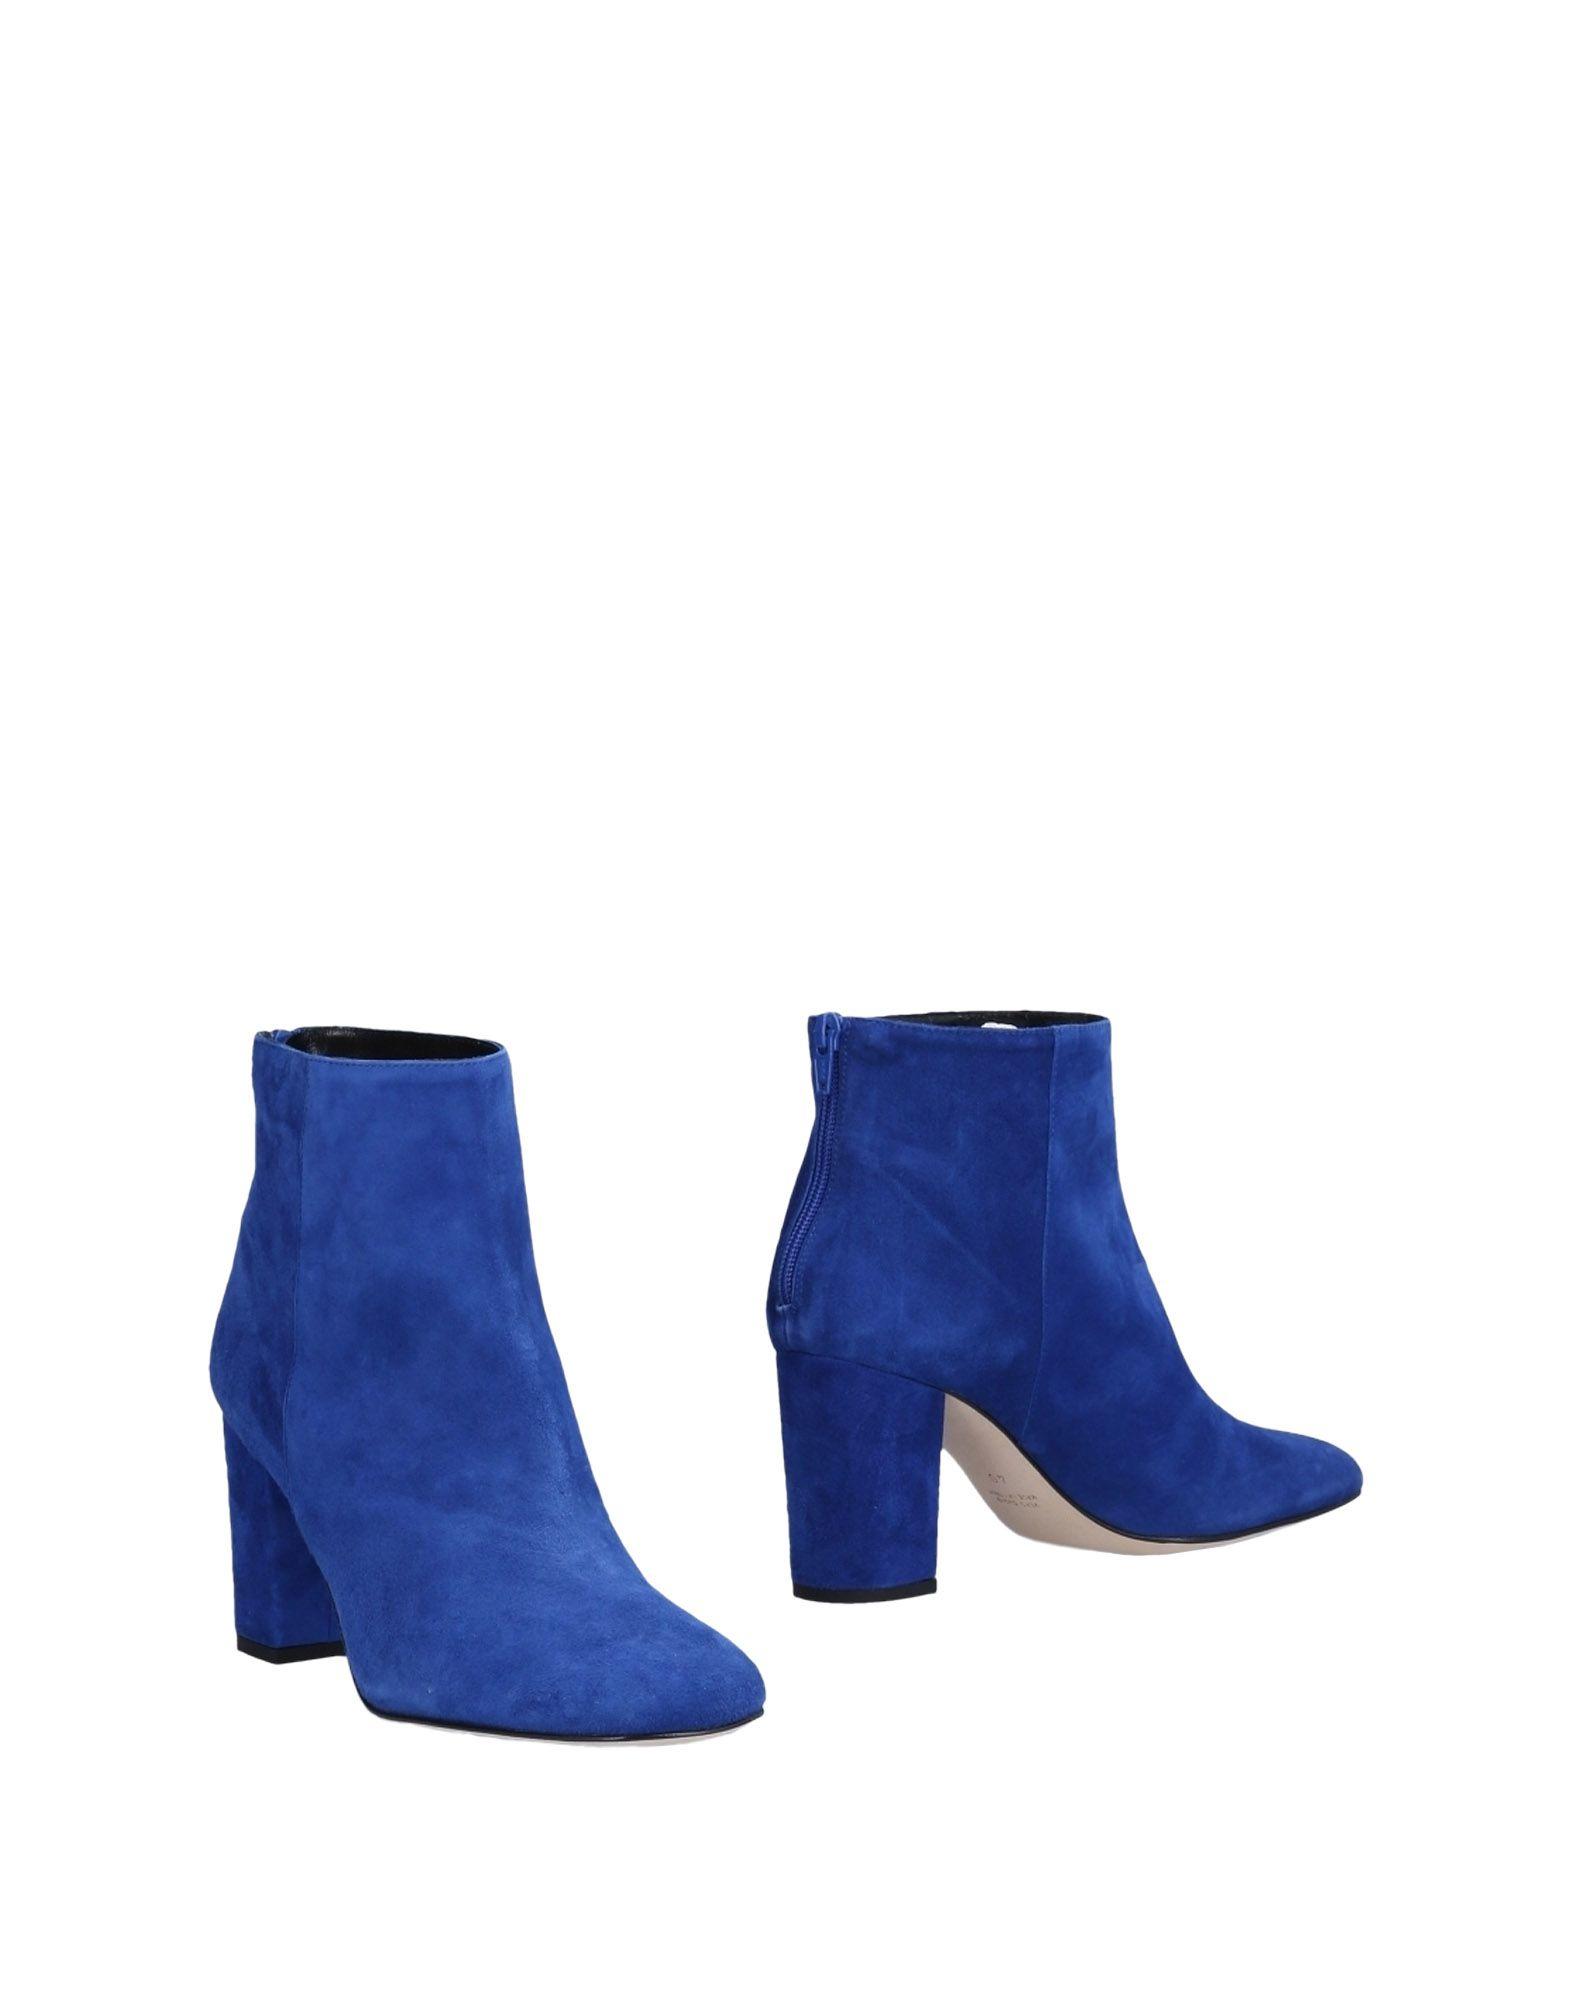 Gut um billige Stiefelette Schuhe zu tragenOreni 1903 Stiefelette billige Damen  11484221FR 36c611